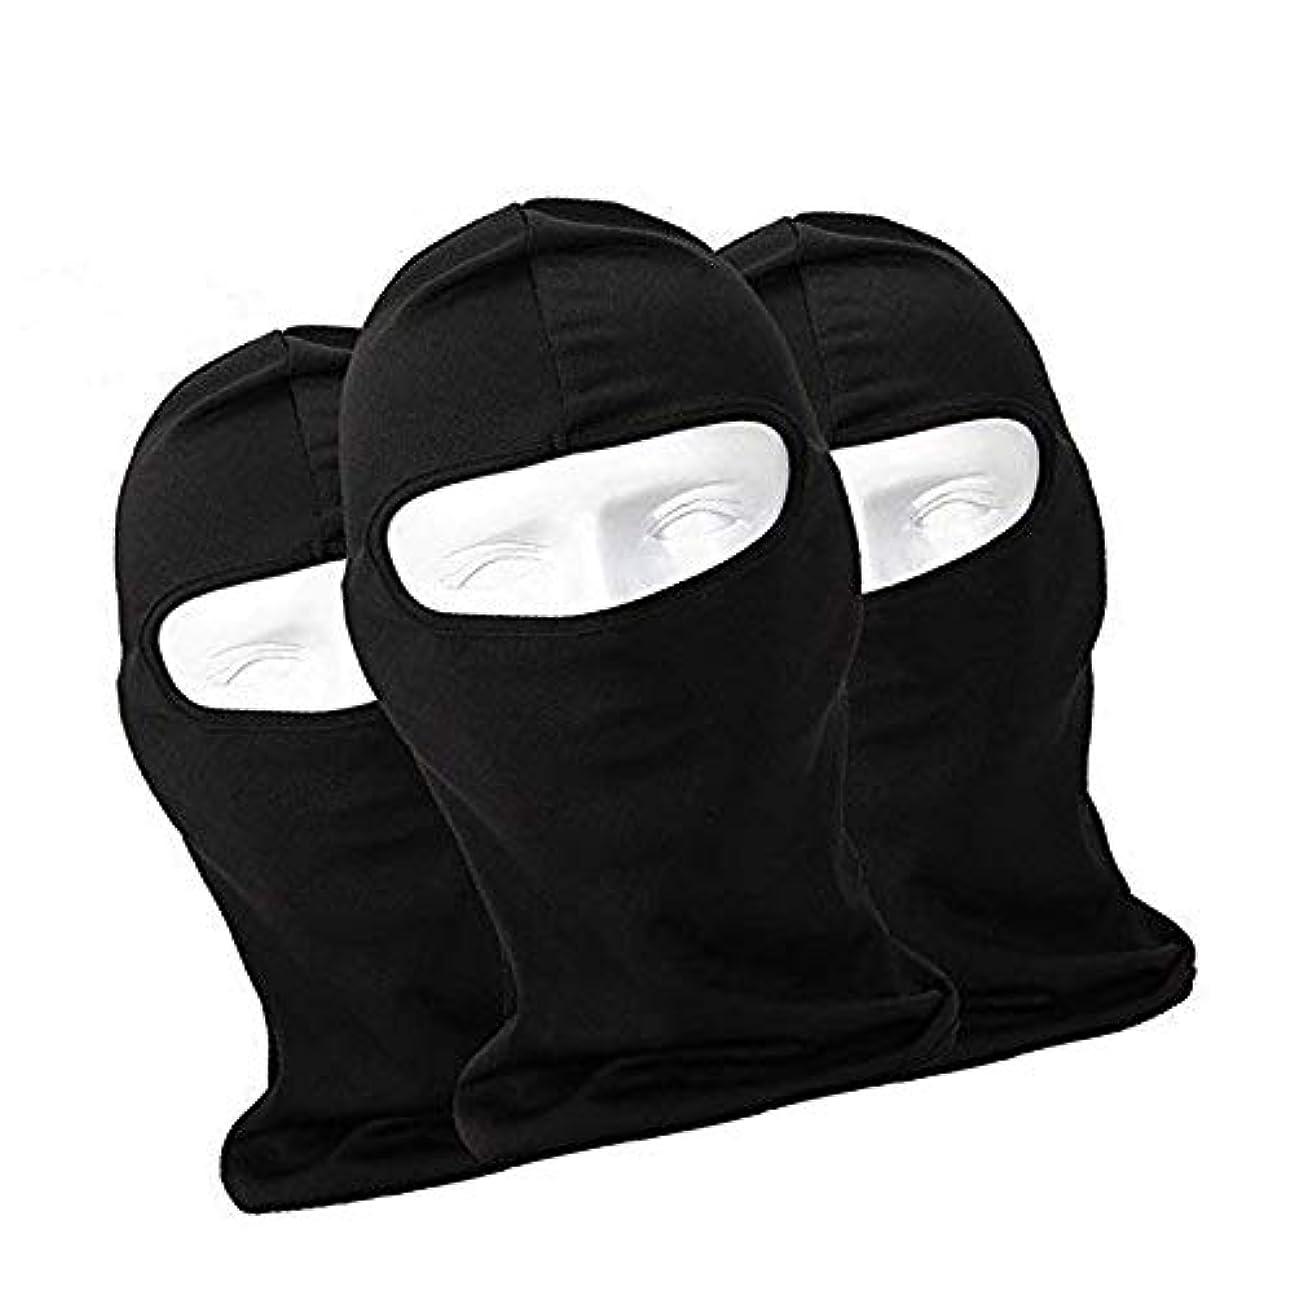 クラブ習熟度ピジンフェイスマスク 通気 速乾 ヘッドウェア ライクラ生地 目だし帽 バラクラバ 保温 UVカット,ブラック,3枚